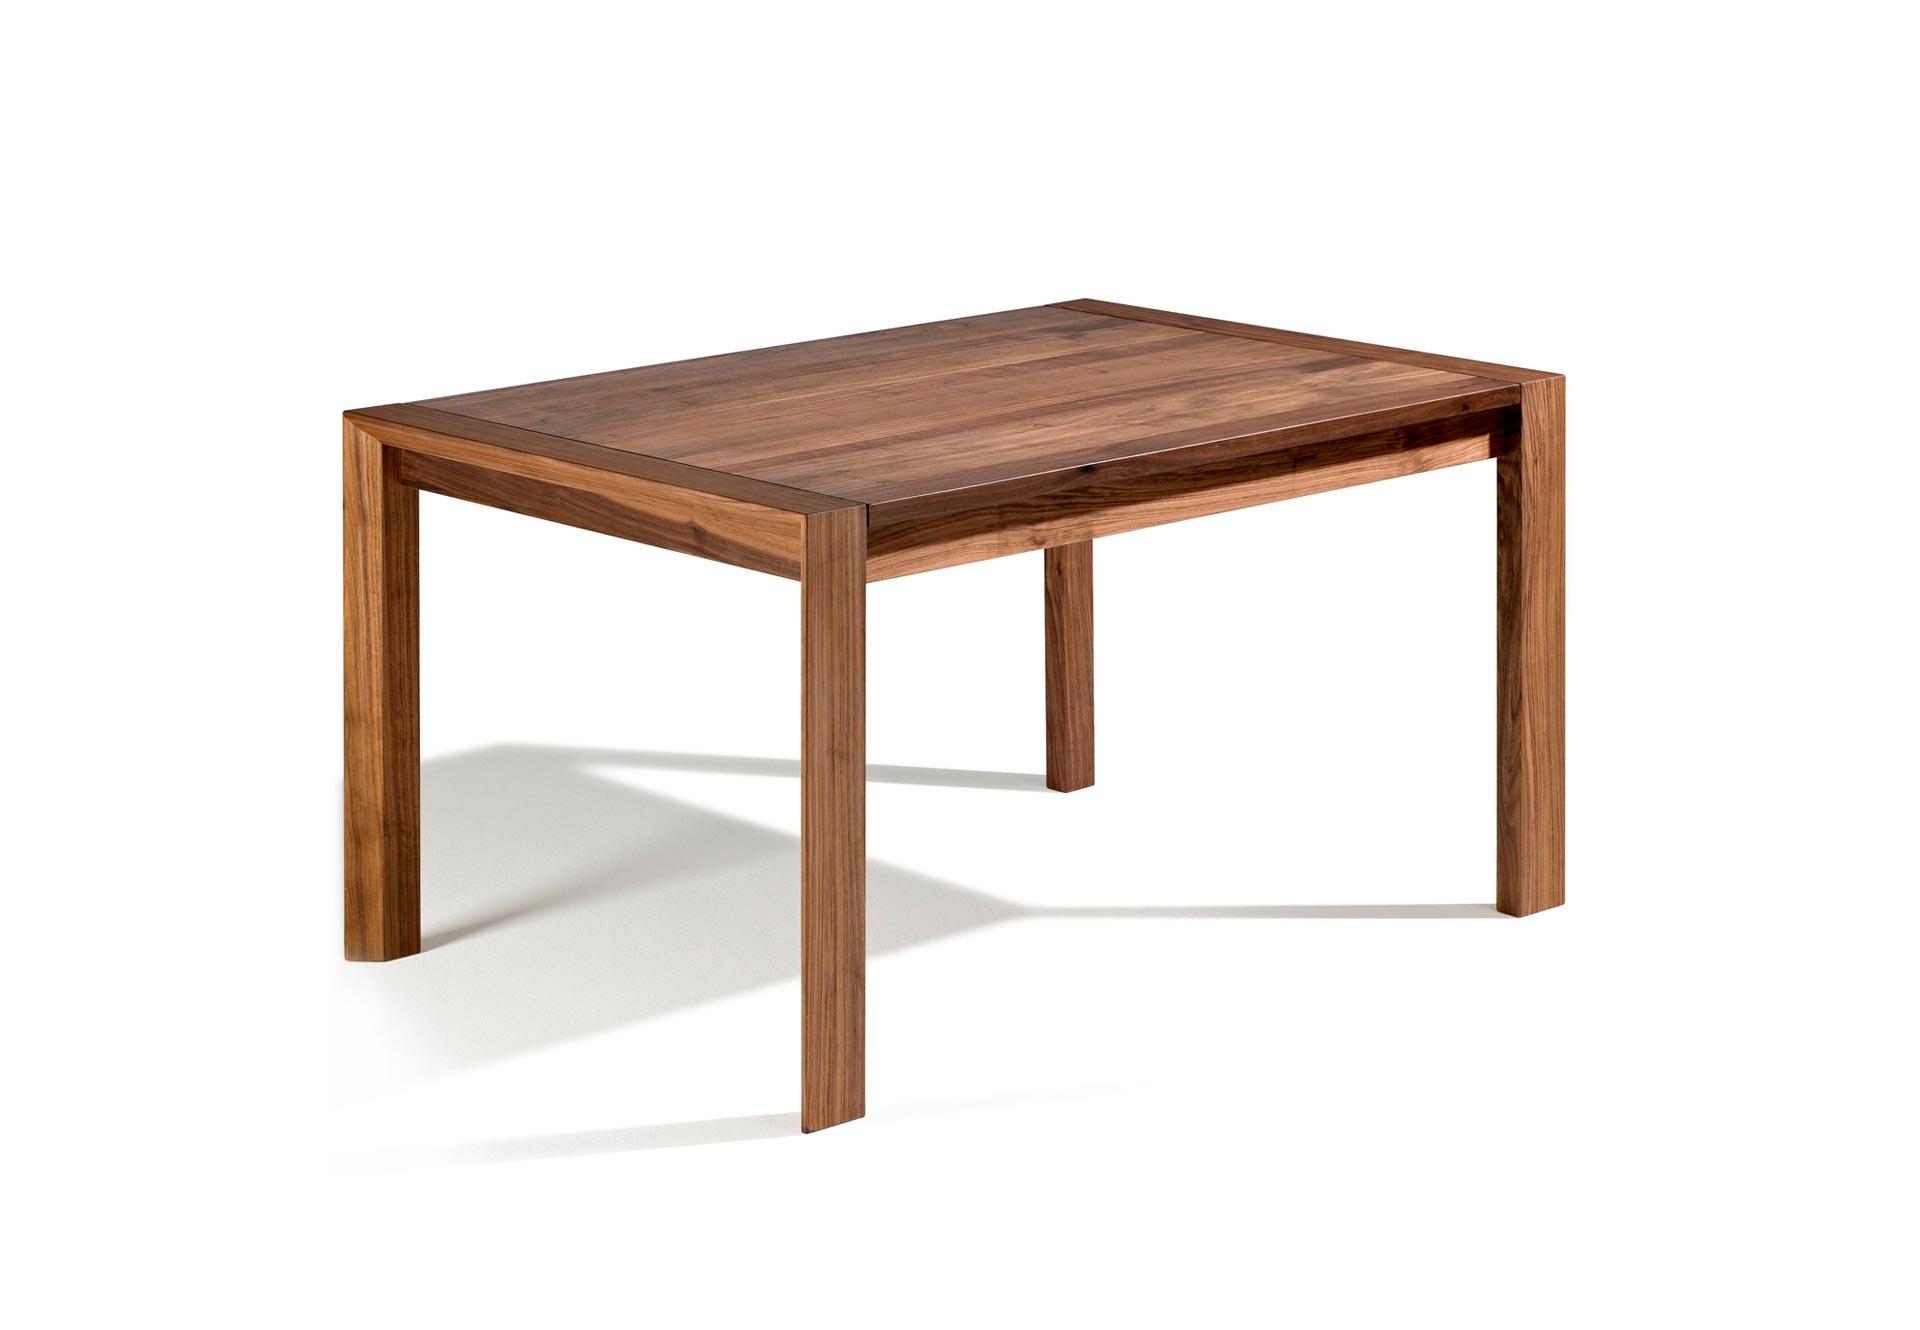 Esstisch Baumkante Ausziehbar : esstisch baumkante ausziehbar mit vollholzf en 2 m ~ Watch28wear.com Haus und Dekorationen